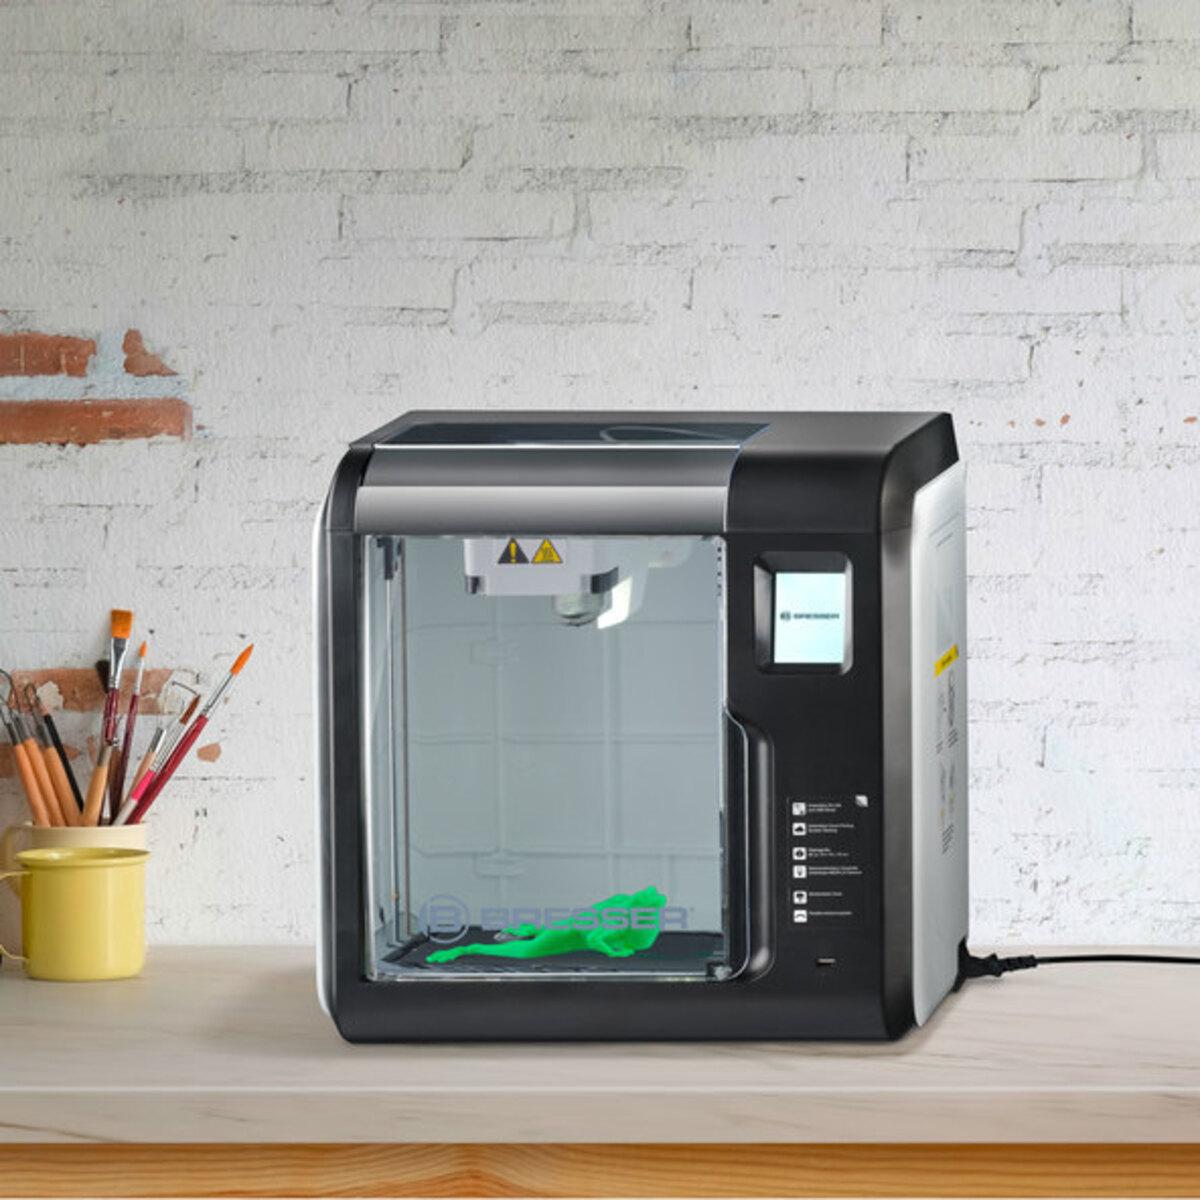 Bild 1 von 3D Drucker, mit WLAN-Funktion